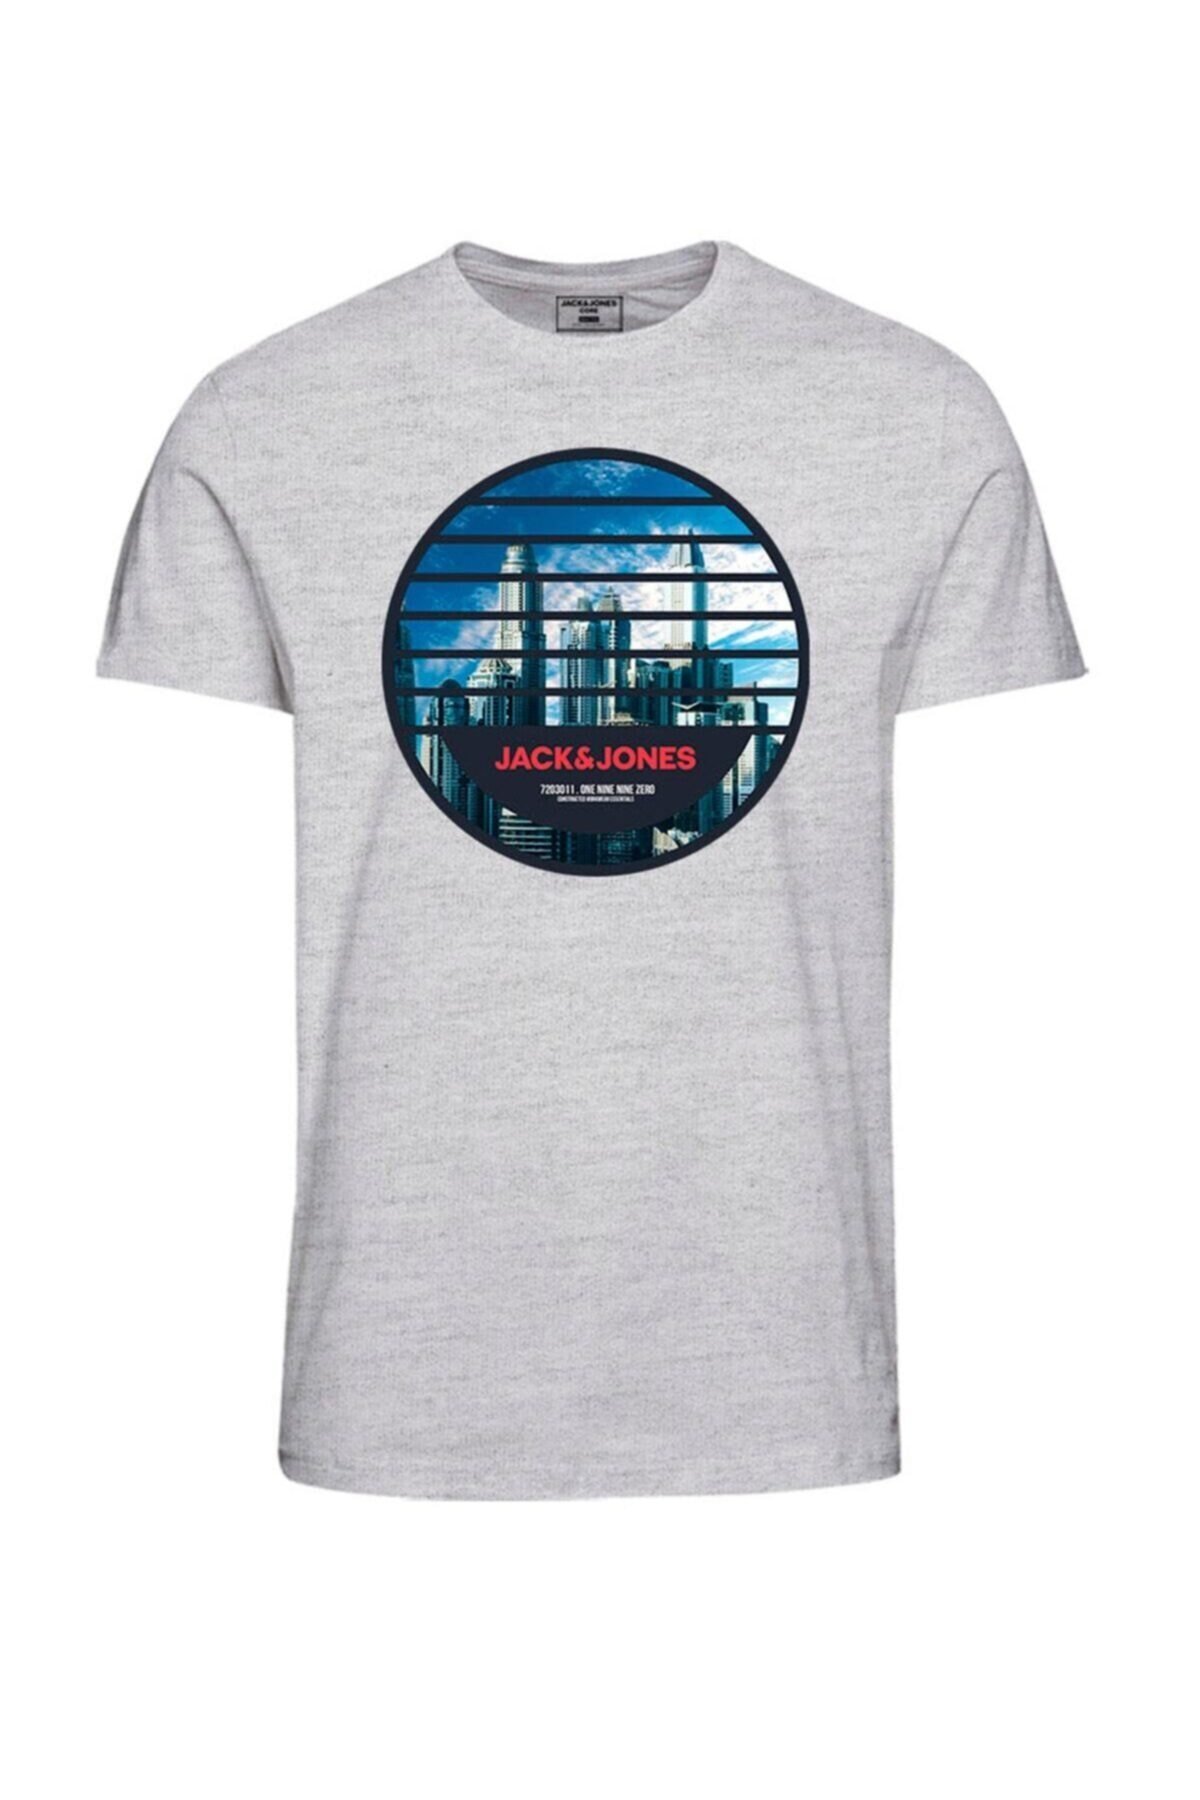 Jack & Jones Erkek Gri Ifter Core Tee SS Crew Neck T-Shirt 2